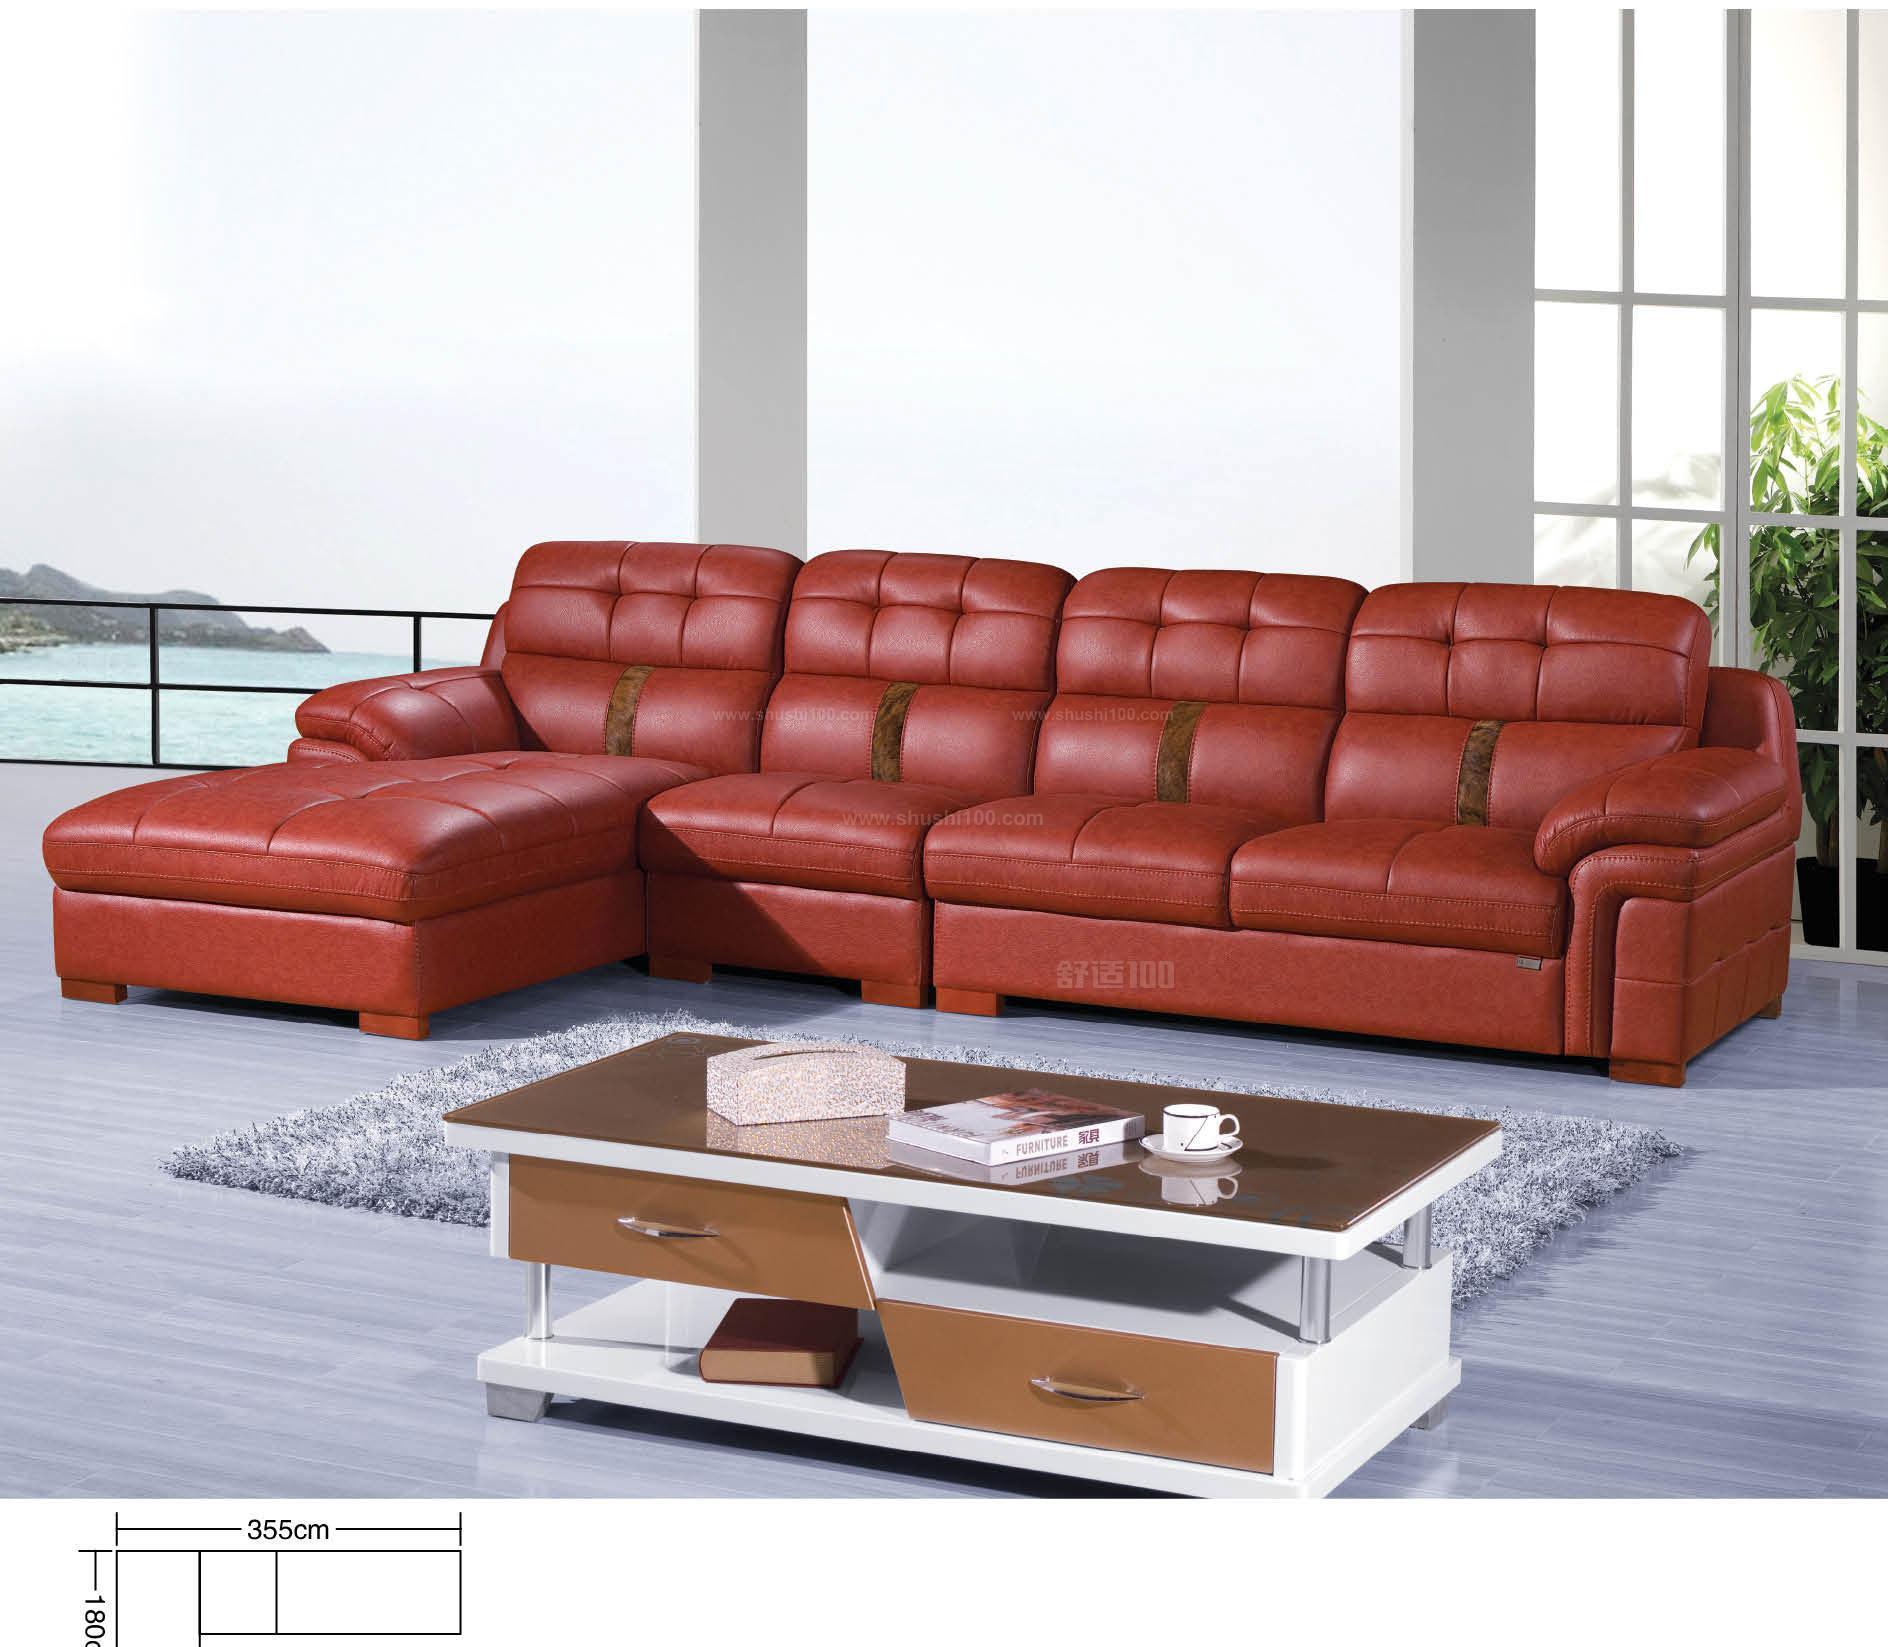 皮沙发怎么清洗—皮沙发的清洗方法